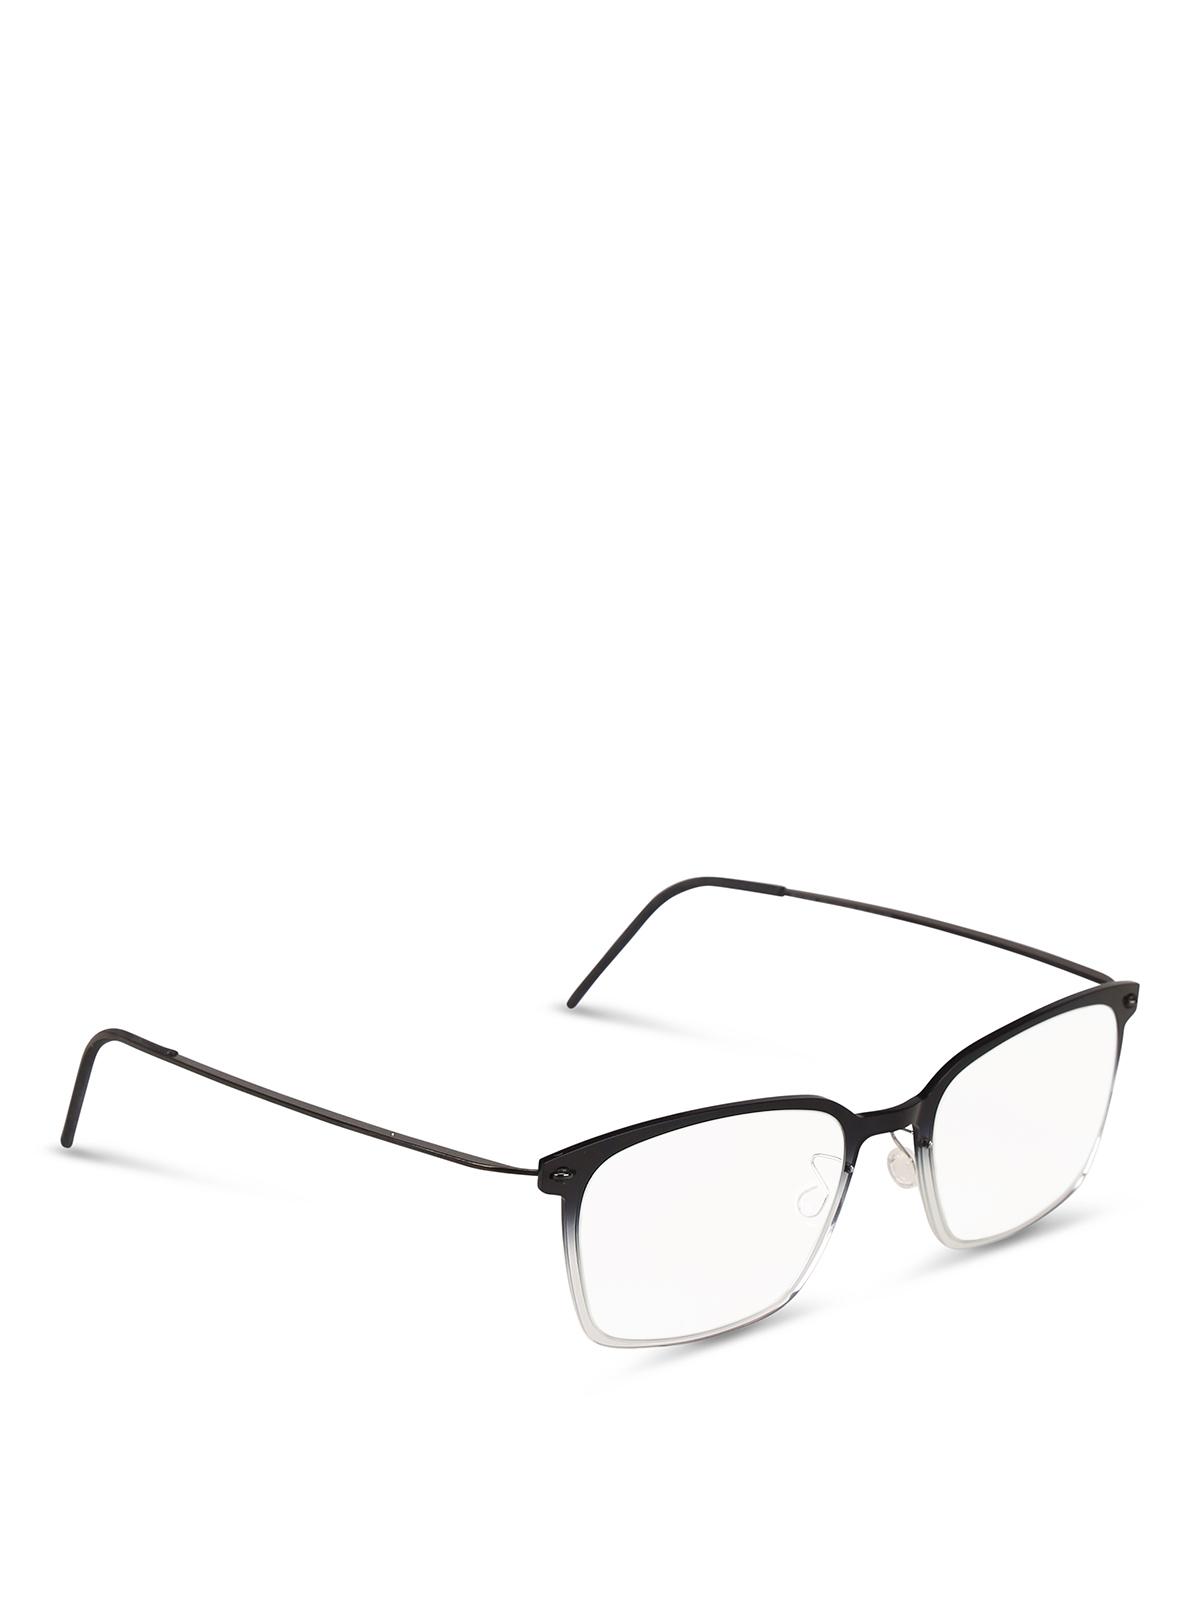 codice promozionale 21a3d 1c37d Lindberg - Occhiale da vista in titanio nero - occhiali ...